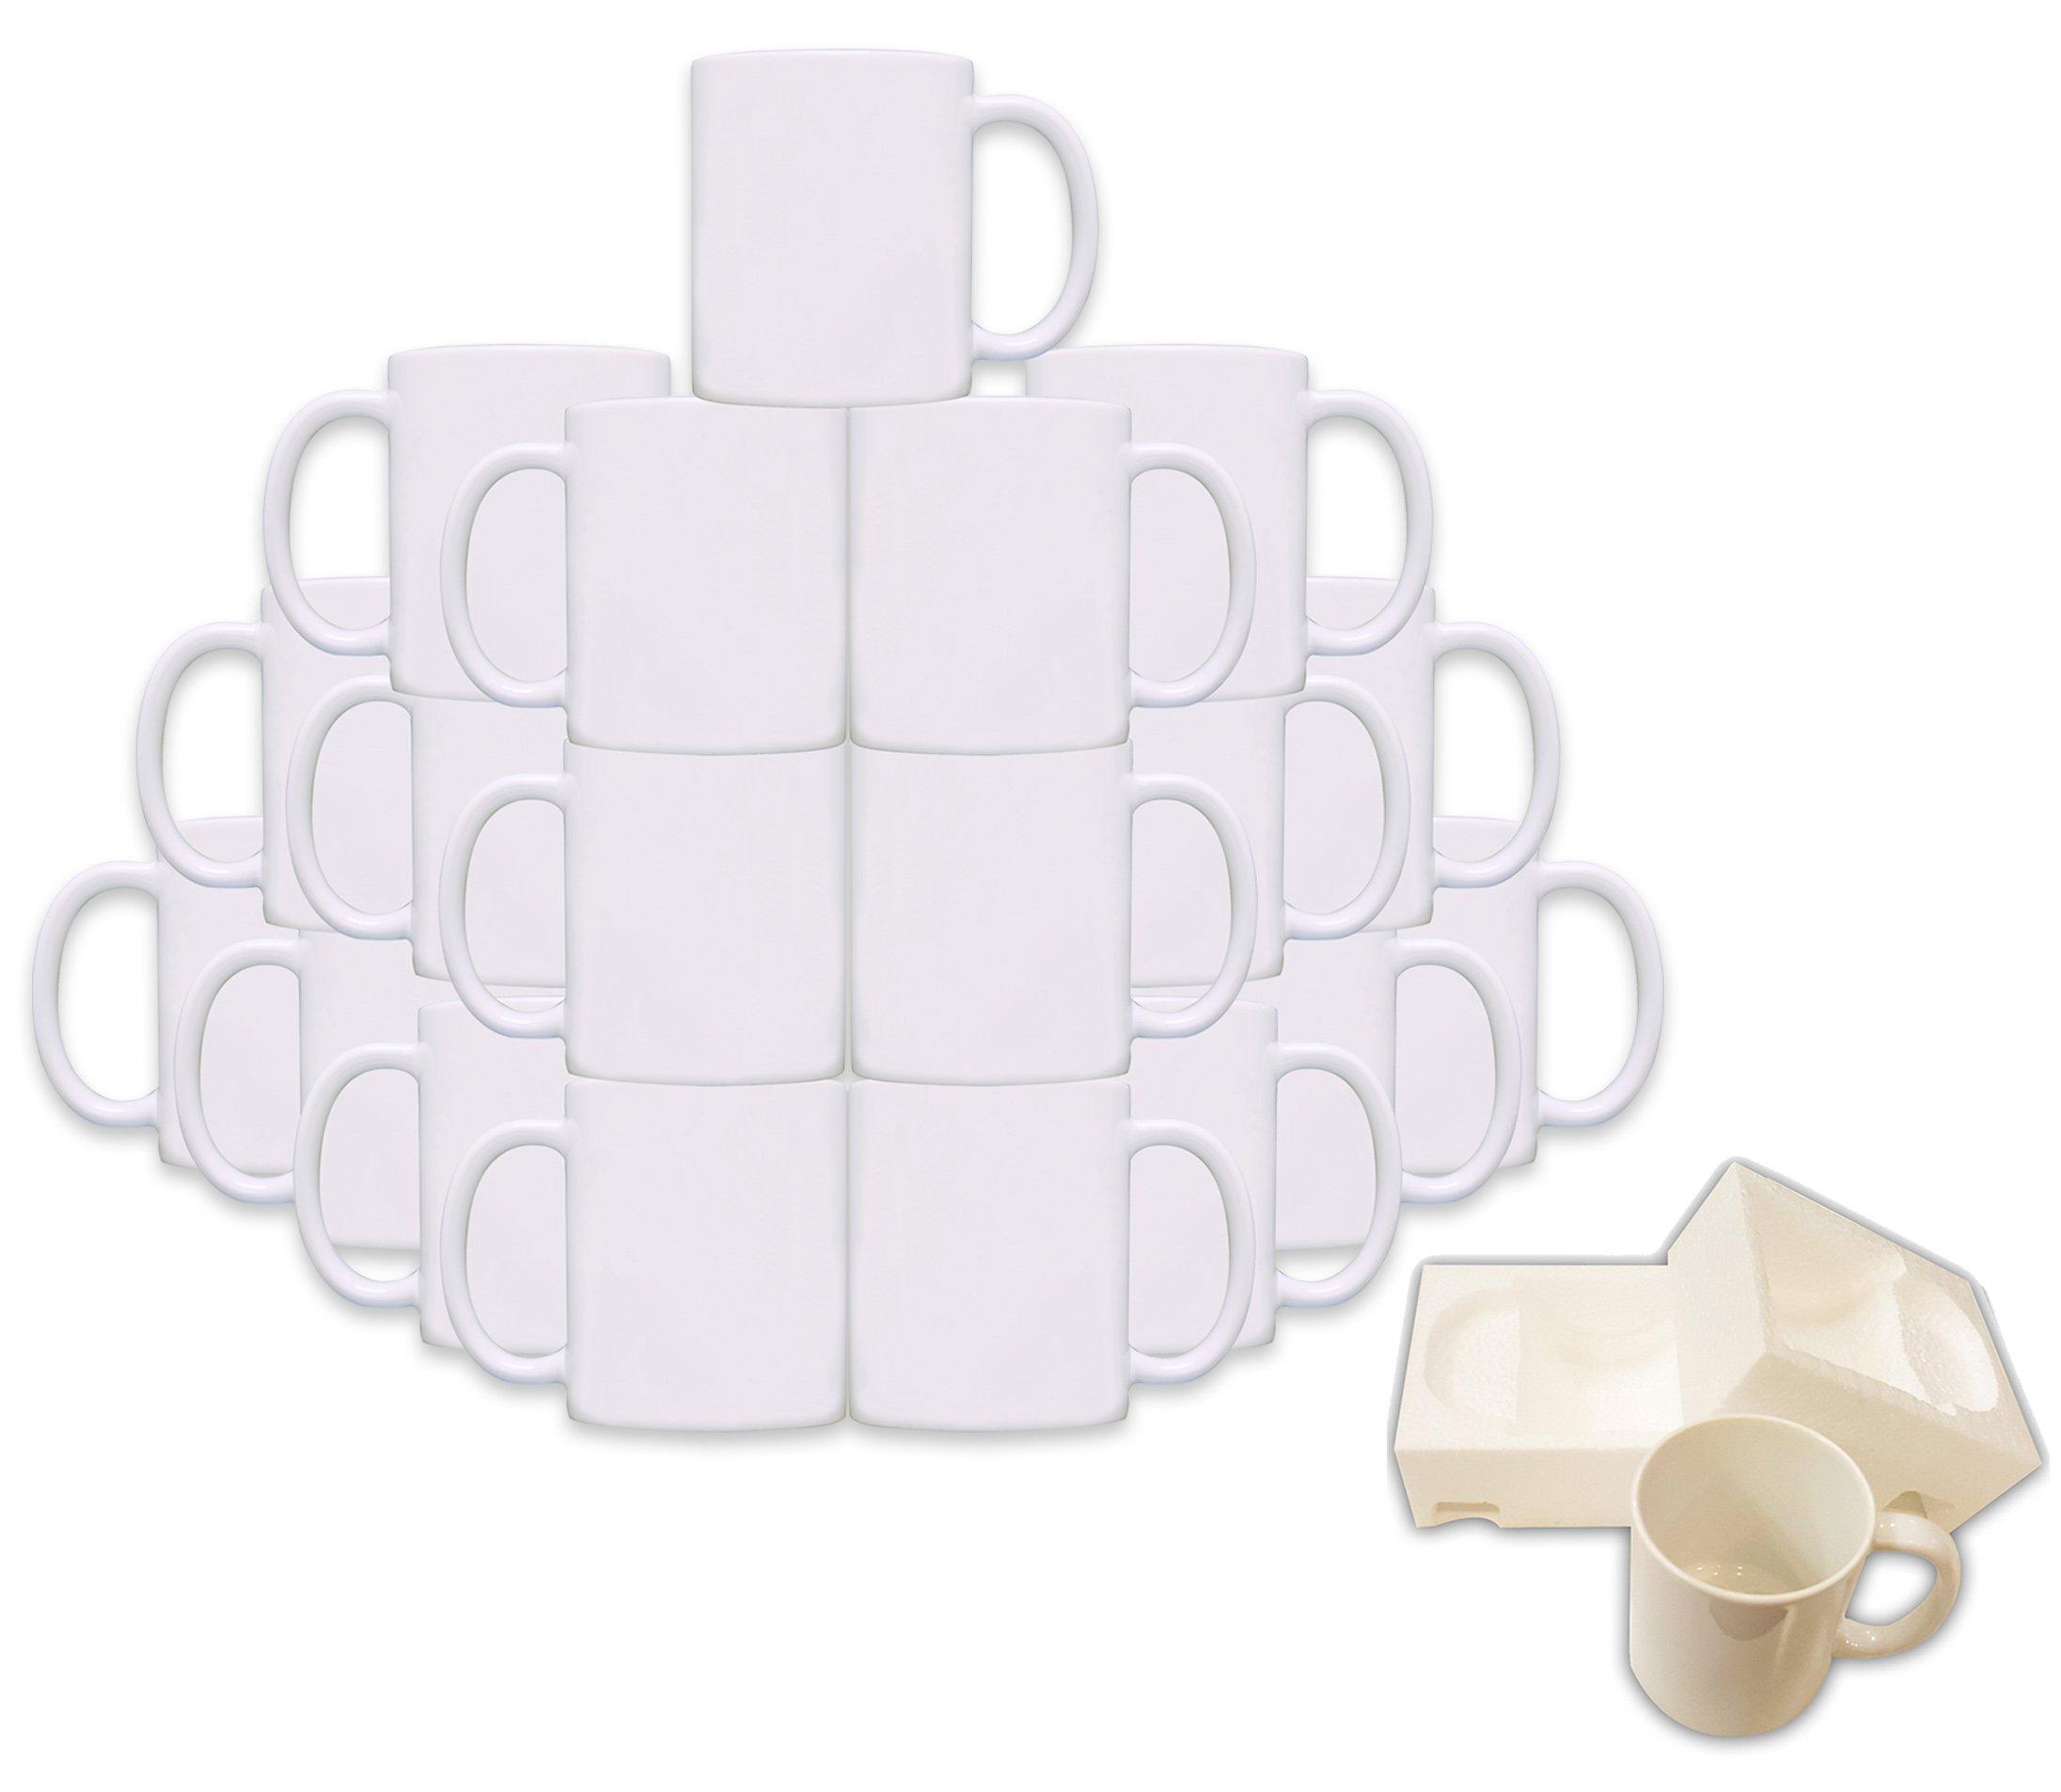 Mug 36-Piece Double Sublimation Coated Ceramic Mugs, 11 Oz, Blank White, Black & Red MUG-Case-36-White